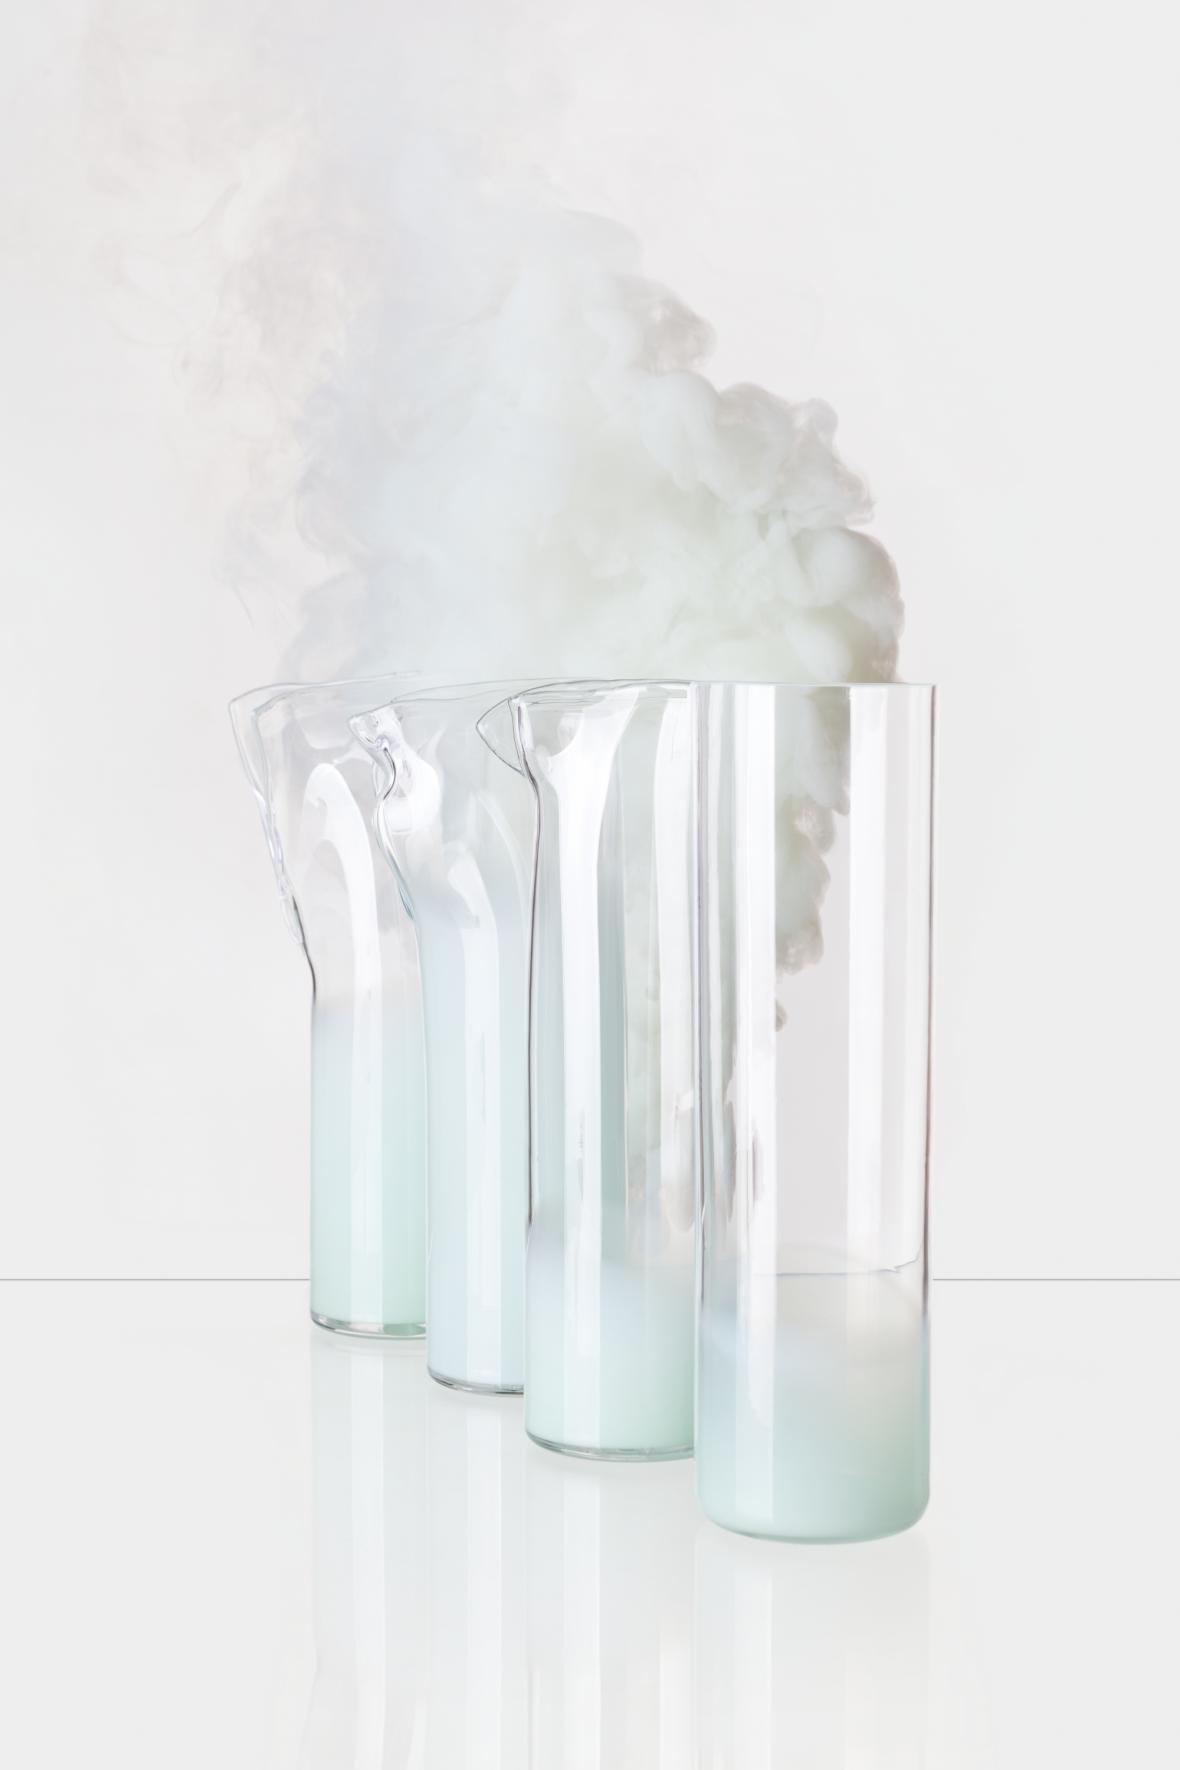 DECHEM / Vase Study